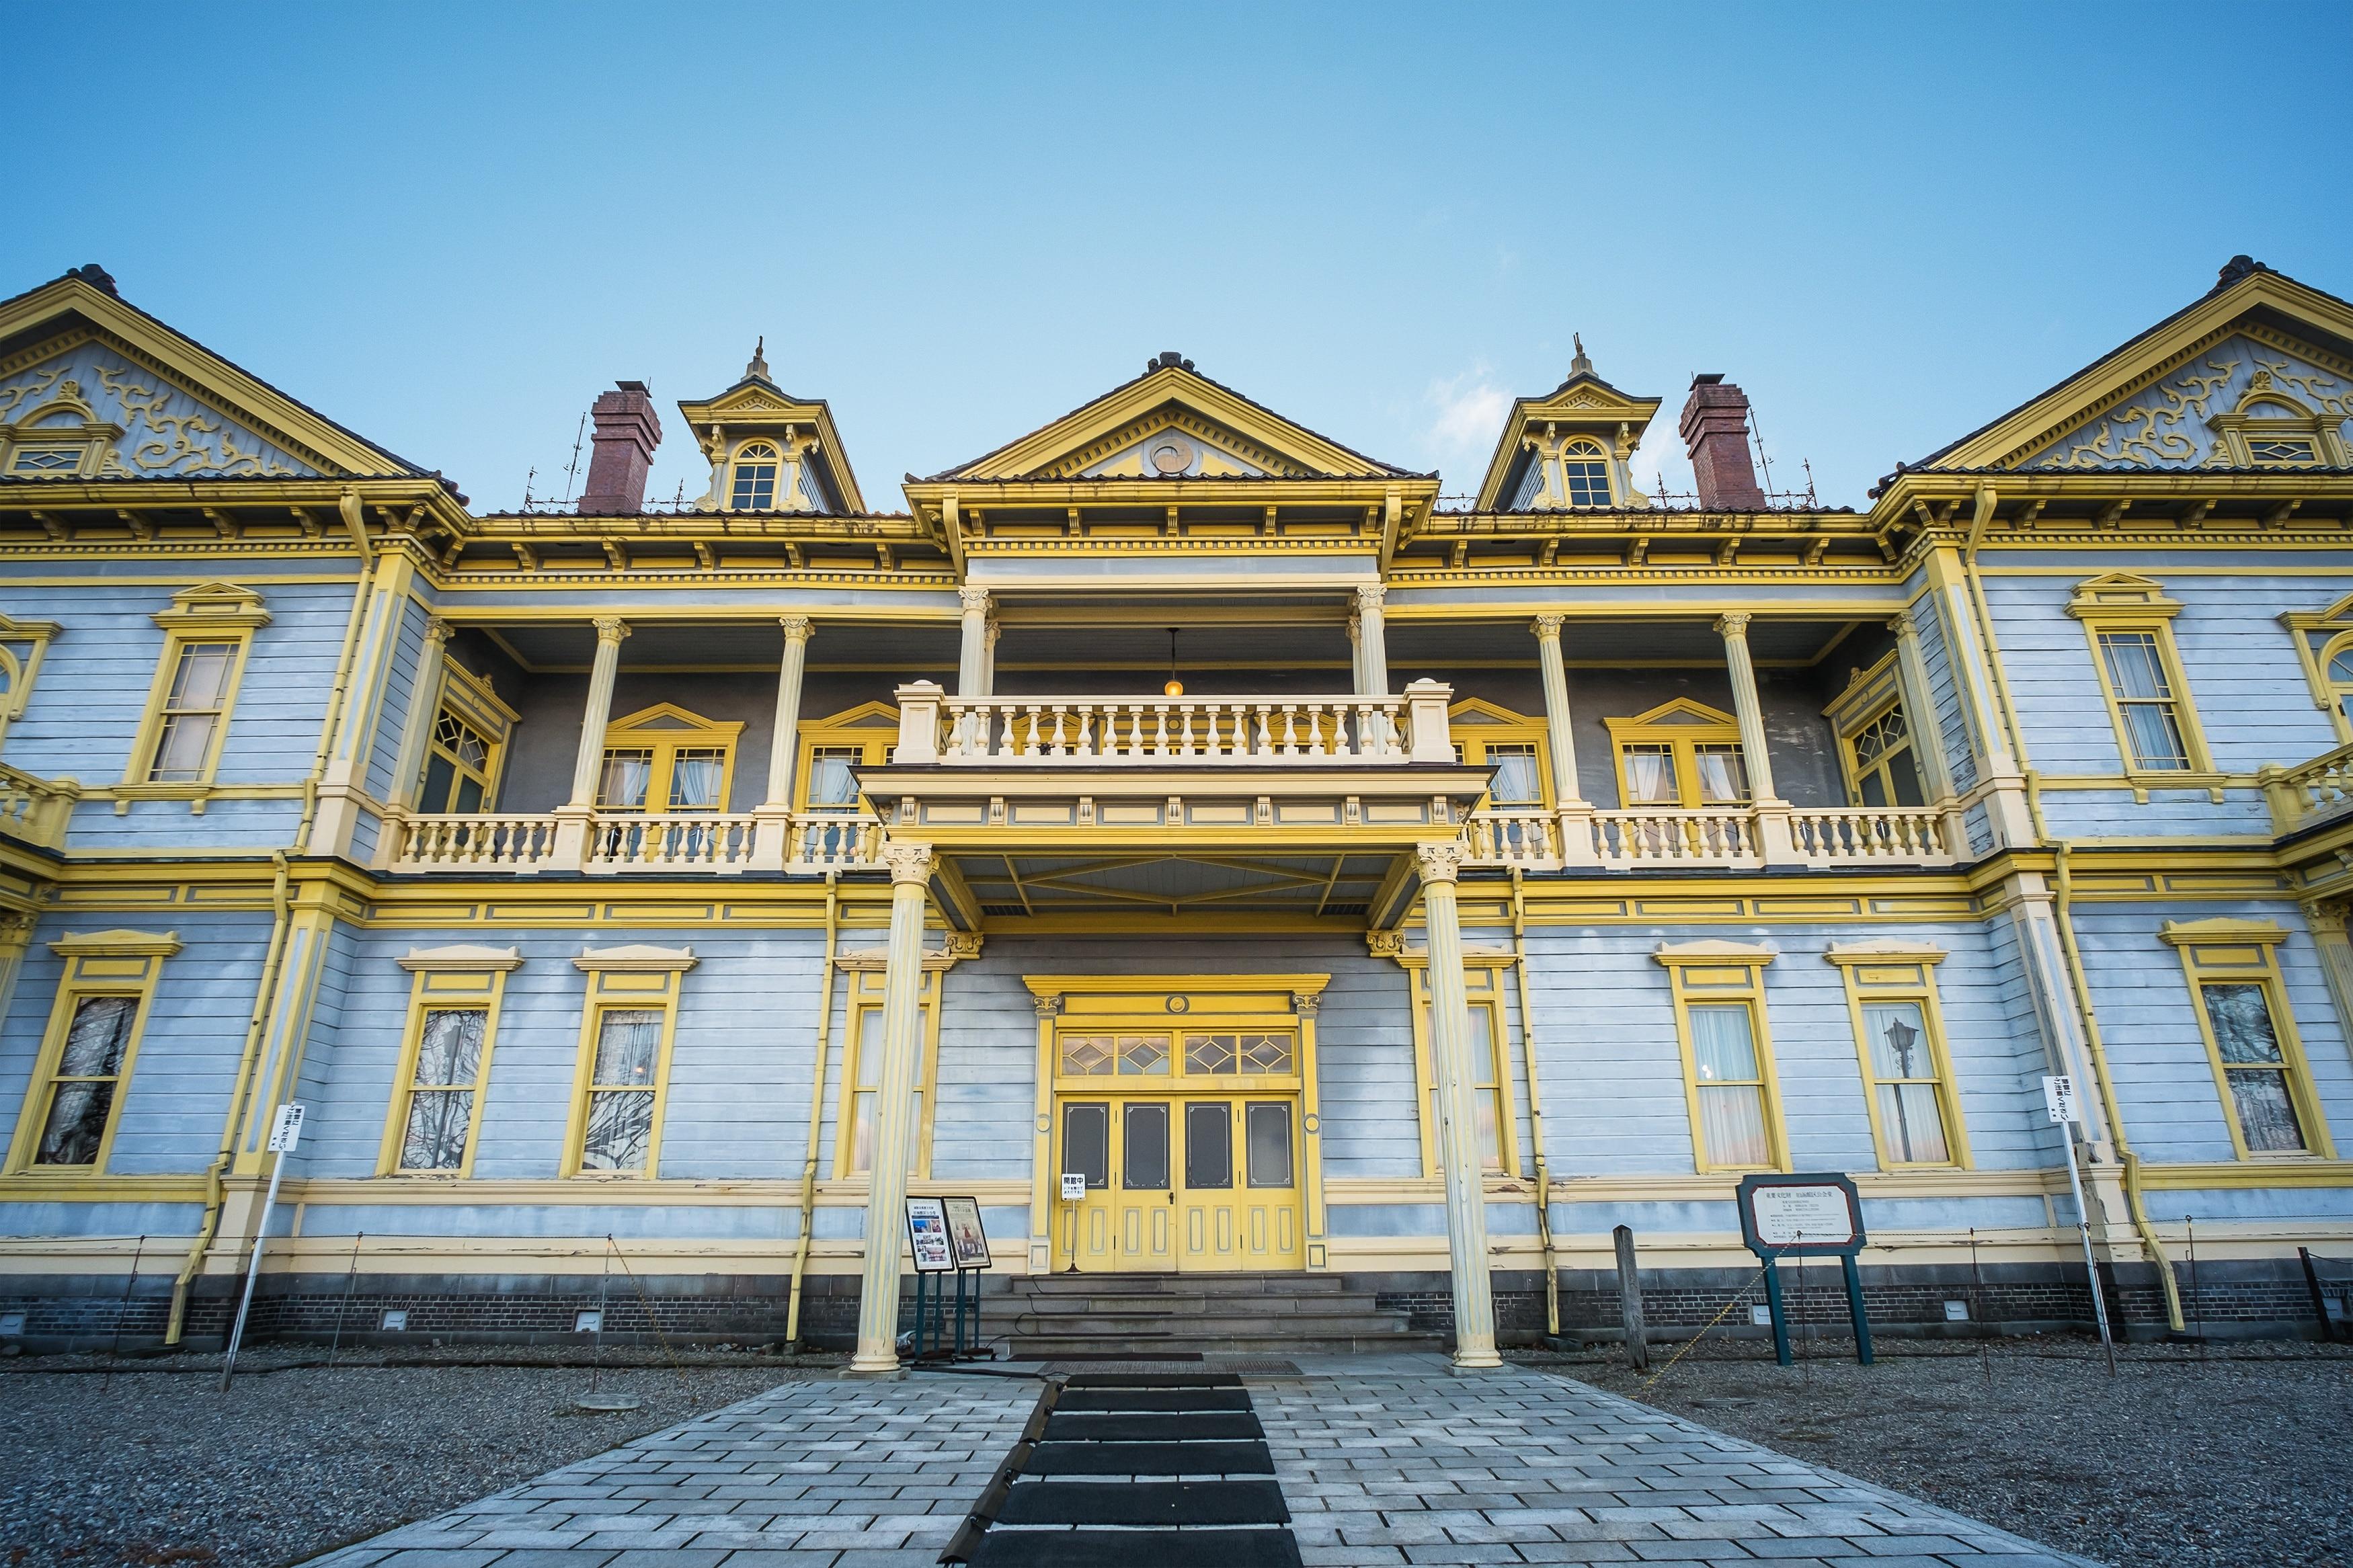 Ancien hôtel de ville d'Hakodate, Hakodate, Hokkaidō, Japon